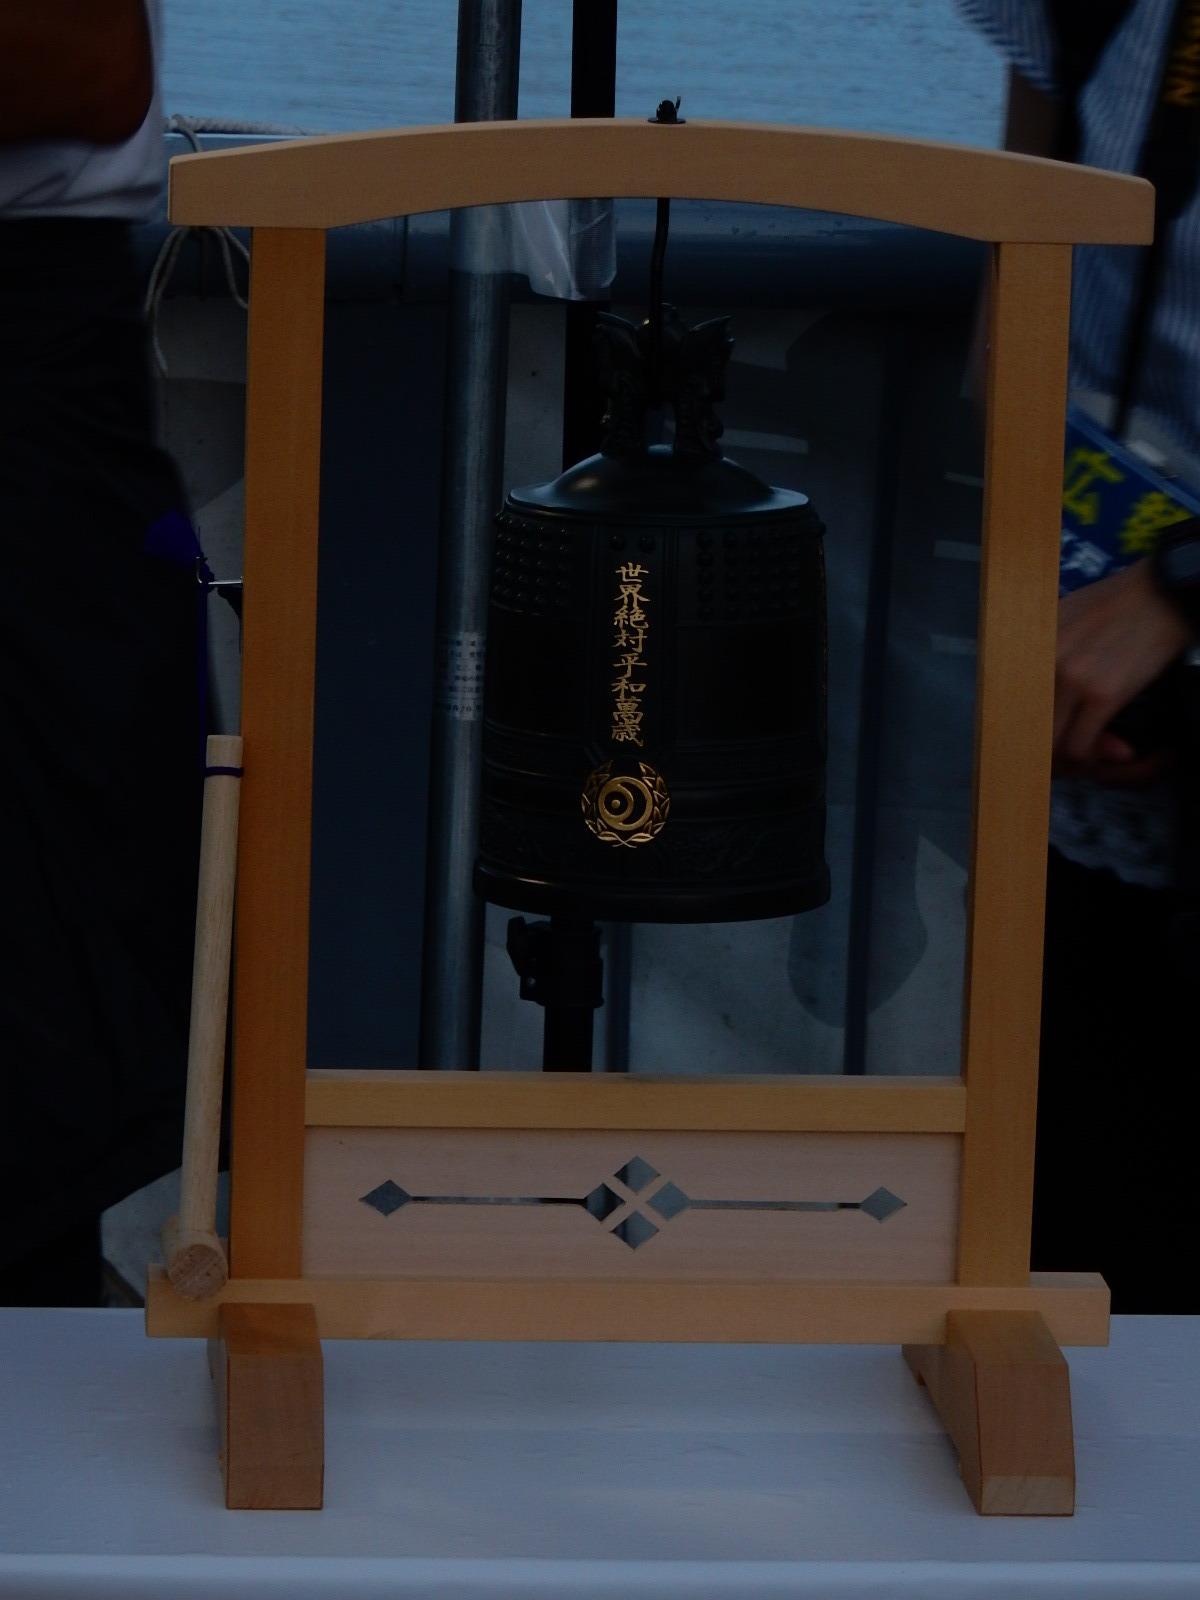 連合国に贈られた日本の平和の鐘のレプリカ